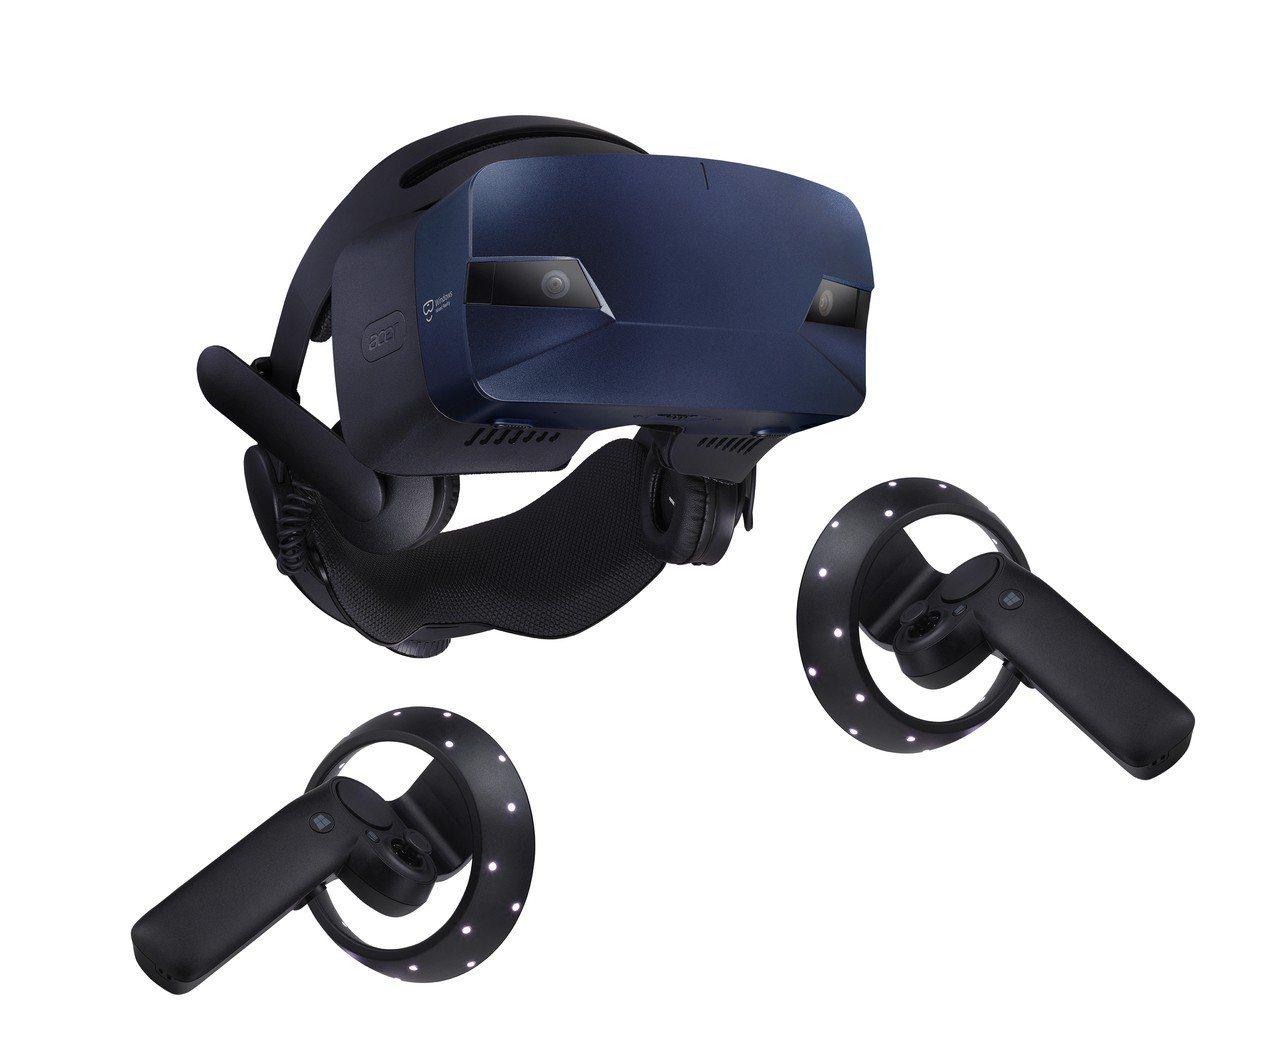 Acer OJO 500可選配一對動作控制器,搭配頭戴式顯示器與虛擬物件互動。圖...